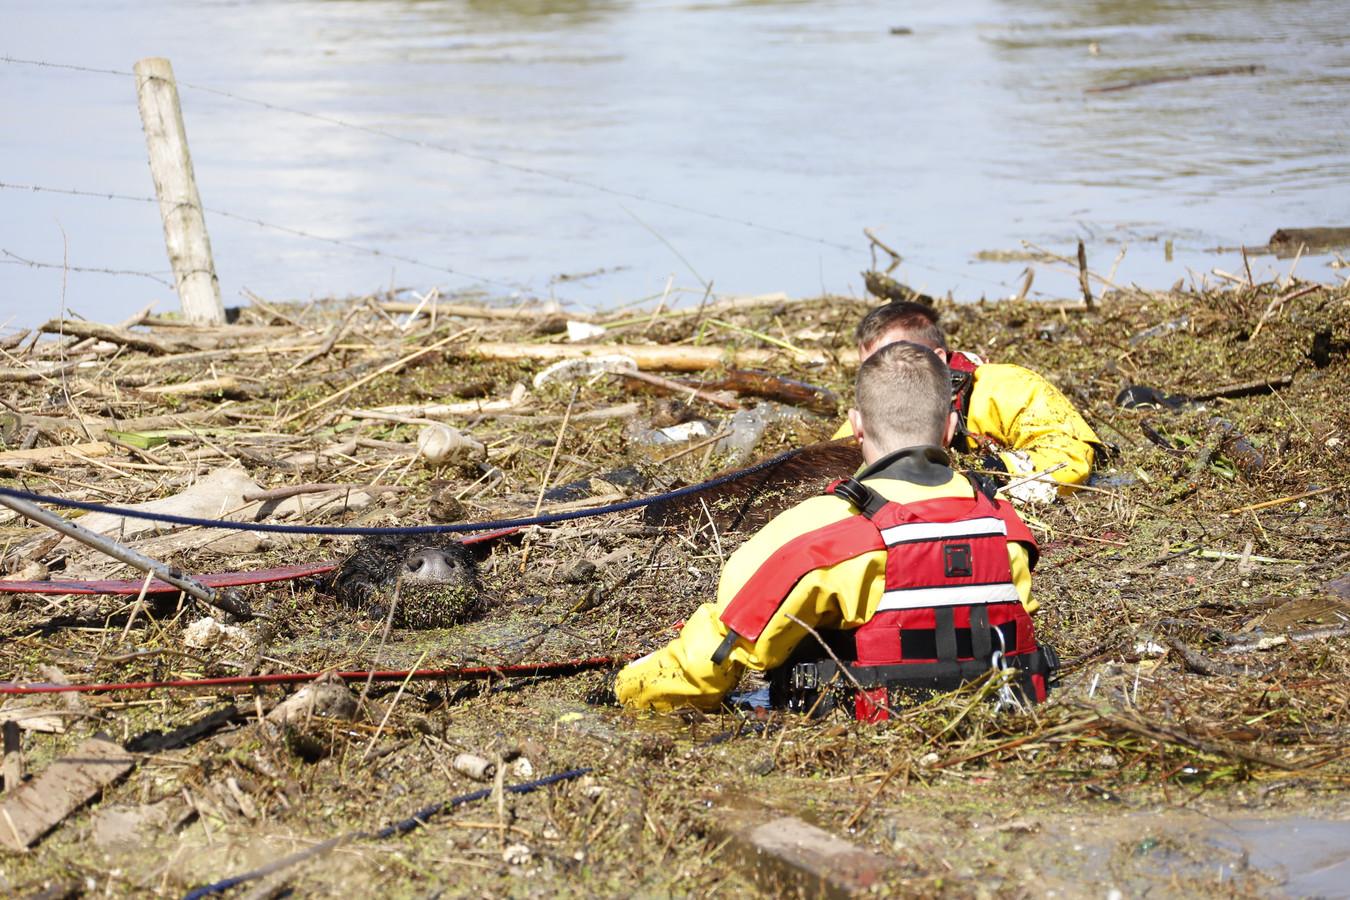 Manschappen Hayco Croijmans (r) en Harold van Thiel van de brandweer proberen Leonarda 12 uit het water te krijgen.